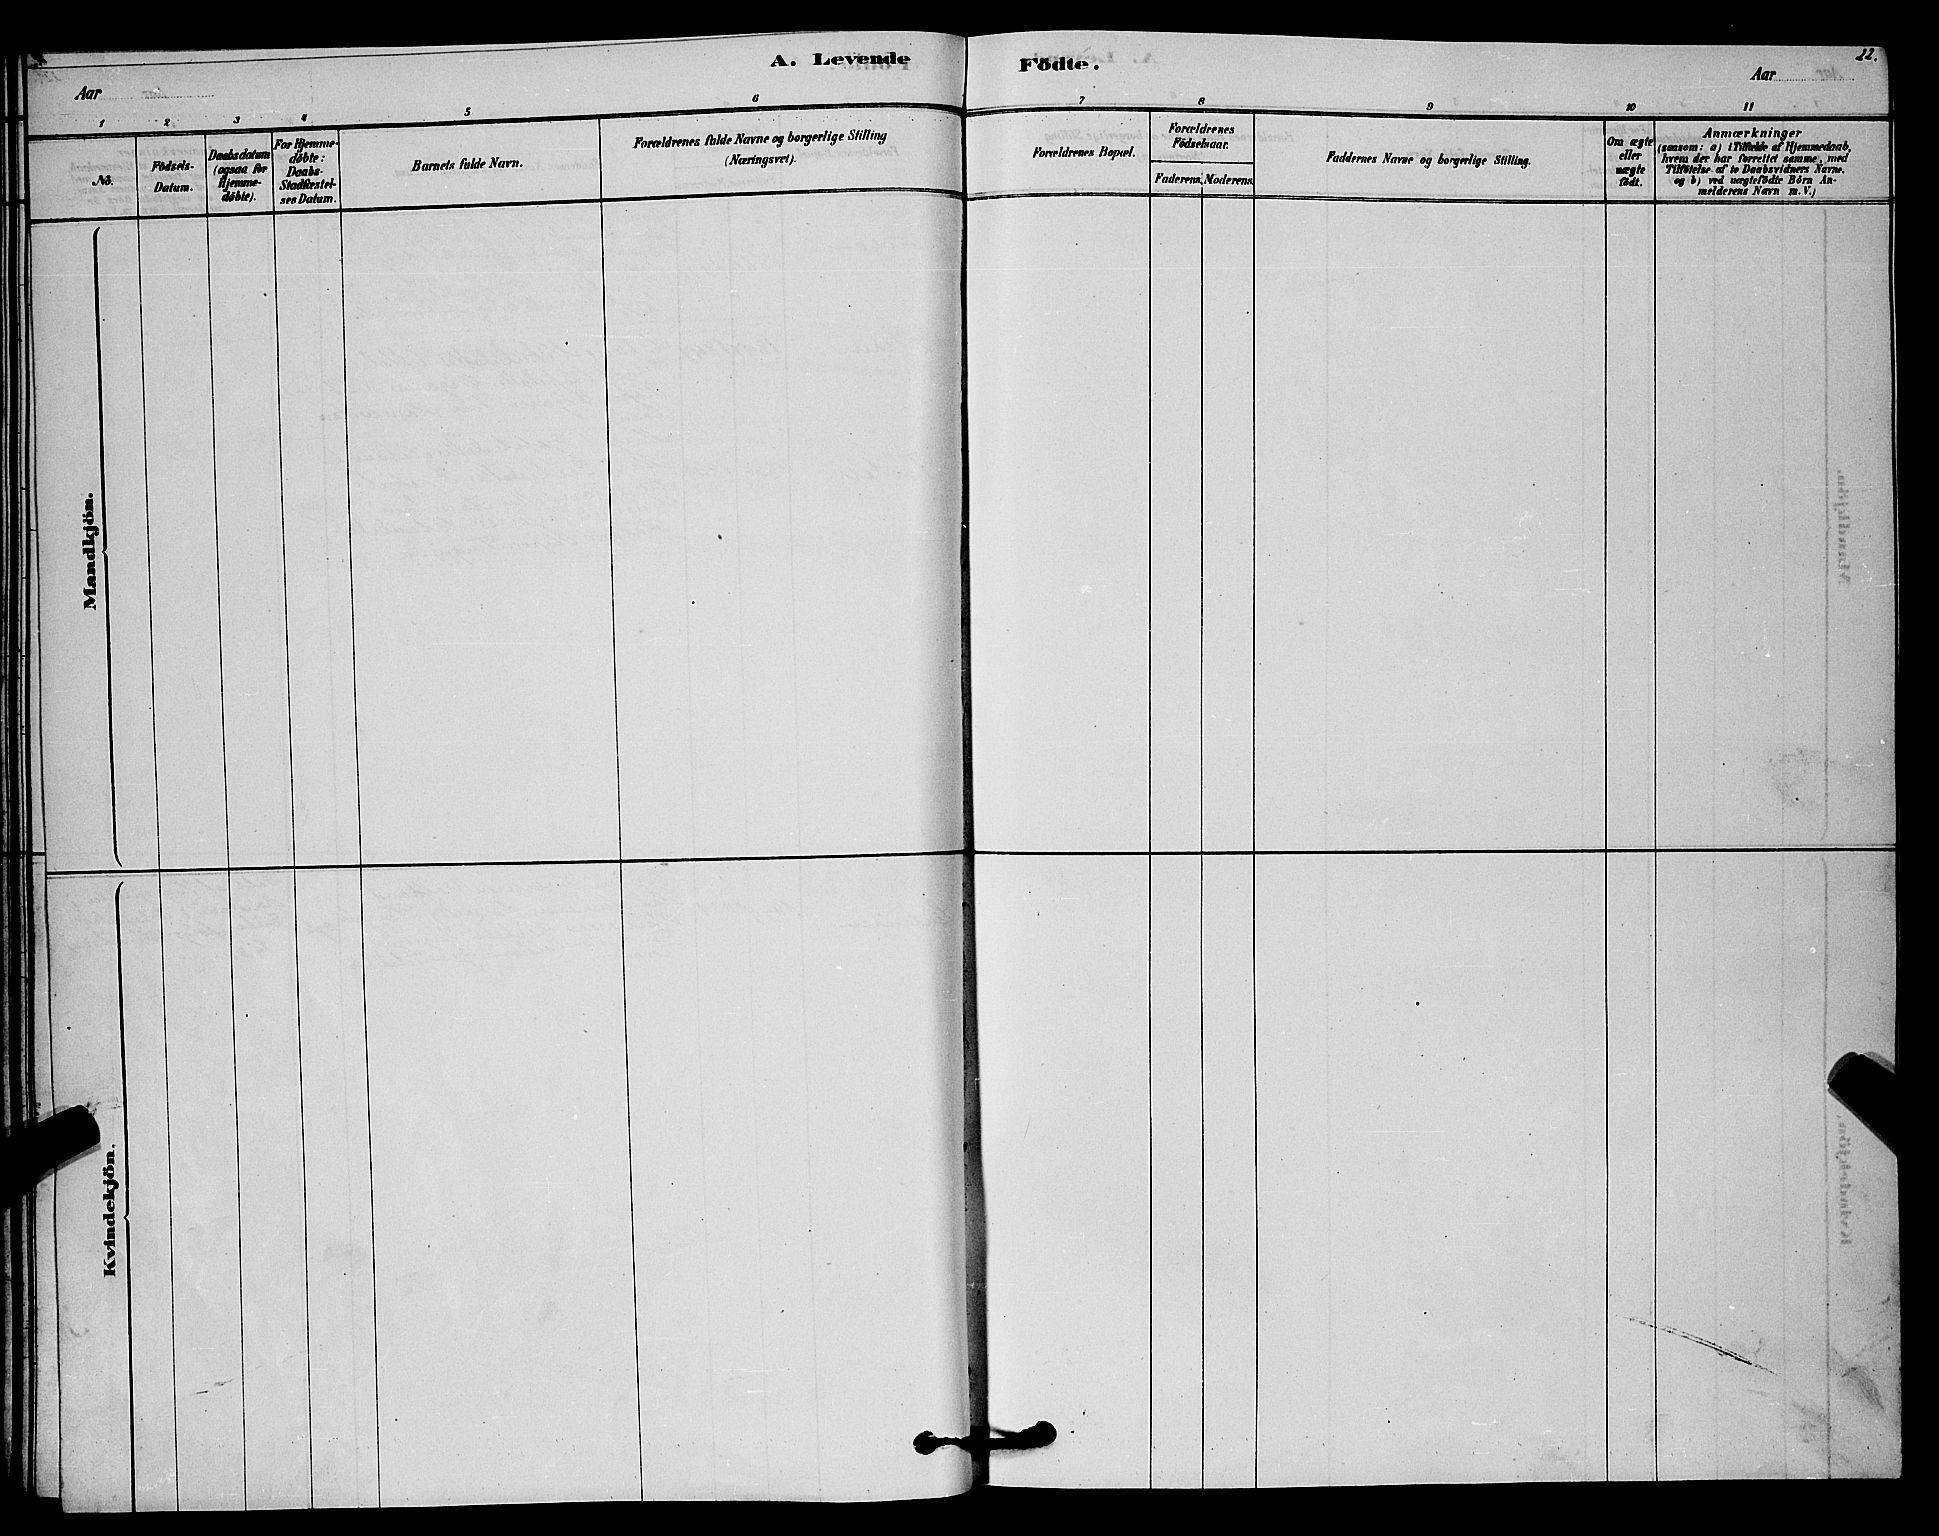 SAKO, Lårdal kirkebøker, G/Gc/L0003: Klokkerbok nr. III 3, 1878-1890, s. 22